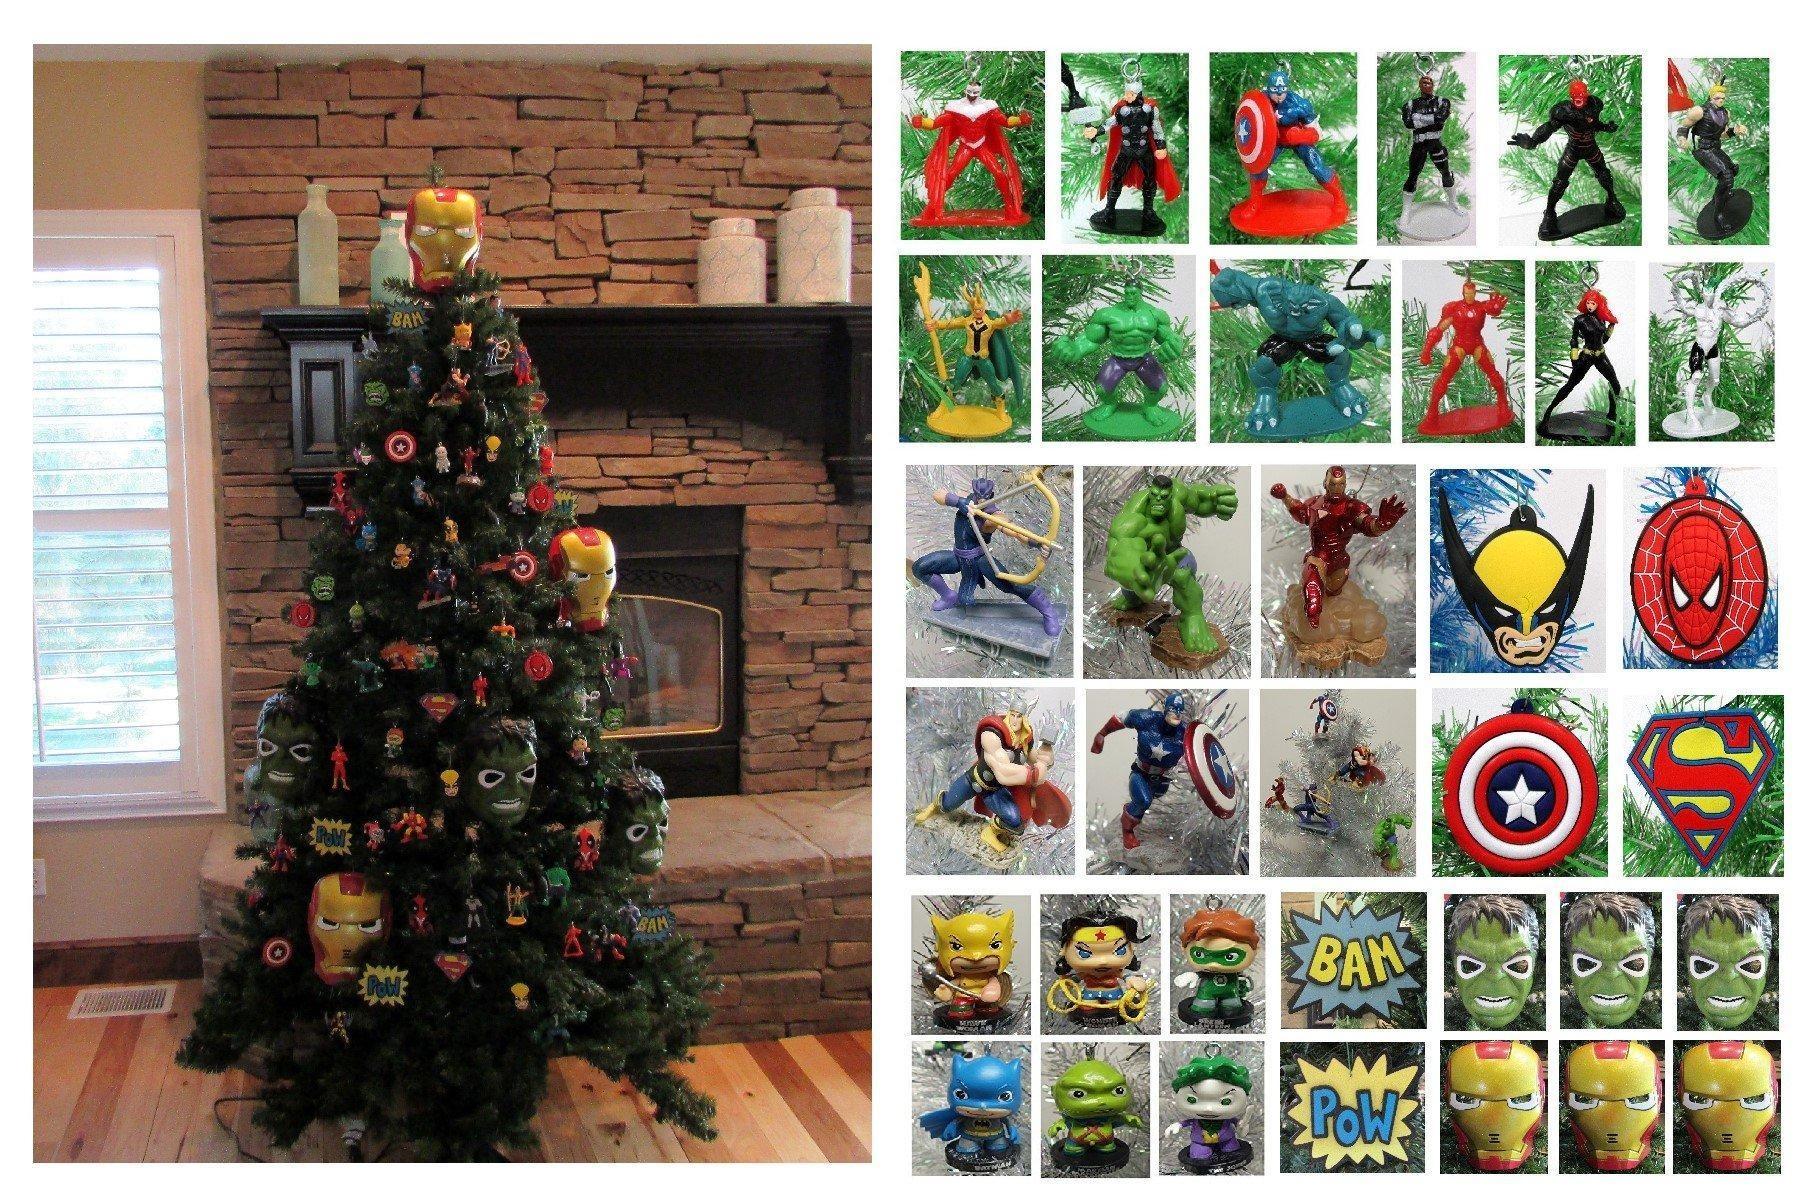 Batman christmas tree ornaments - Comic Book Super Hero Deluxe 80 Piece Christmas Tree Ornament Set Featuring Hulk Batman